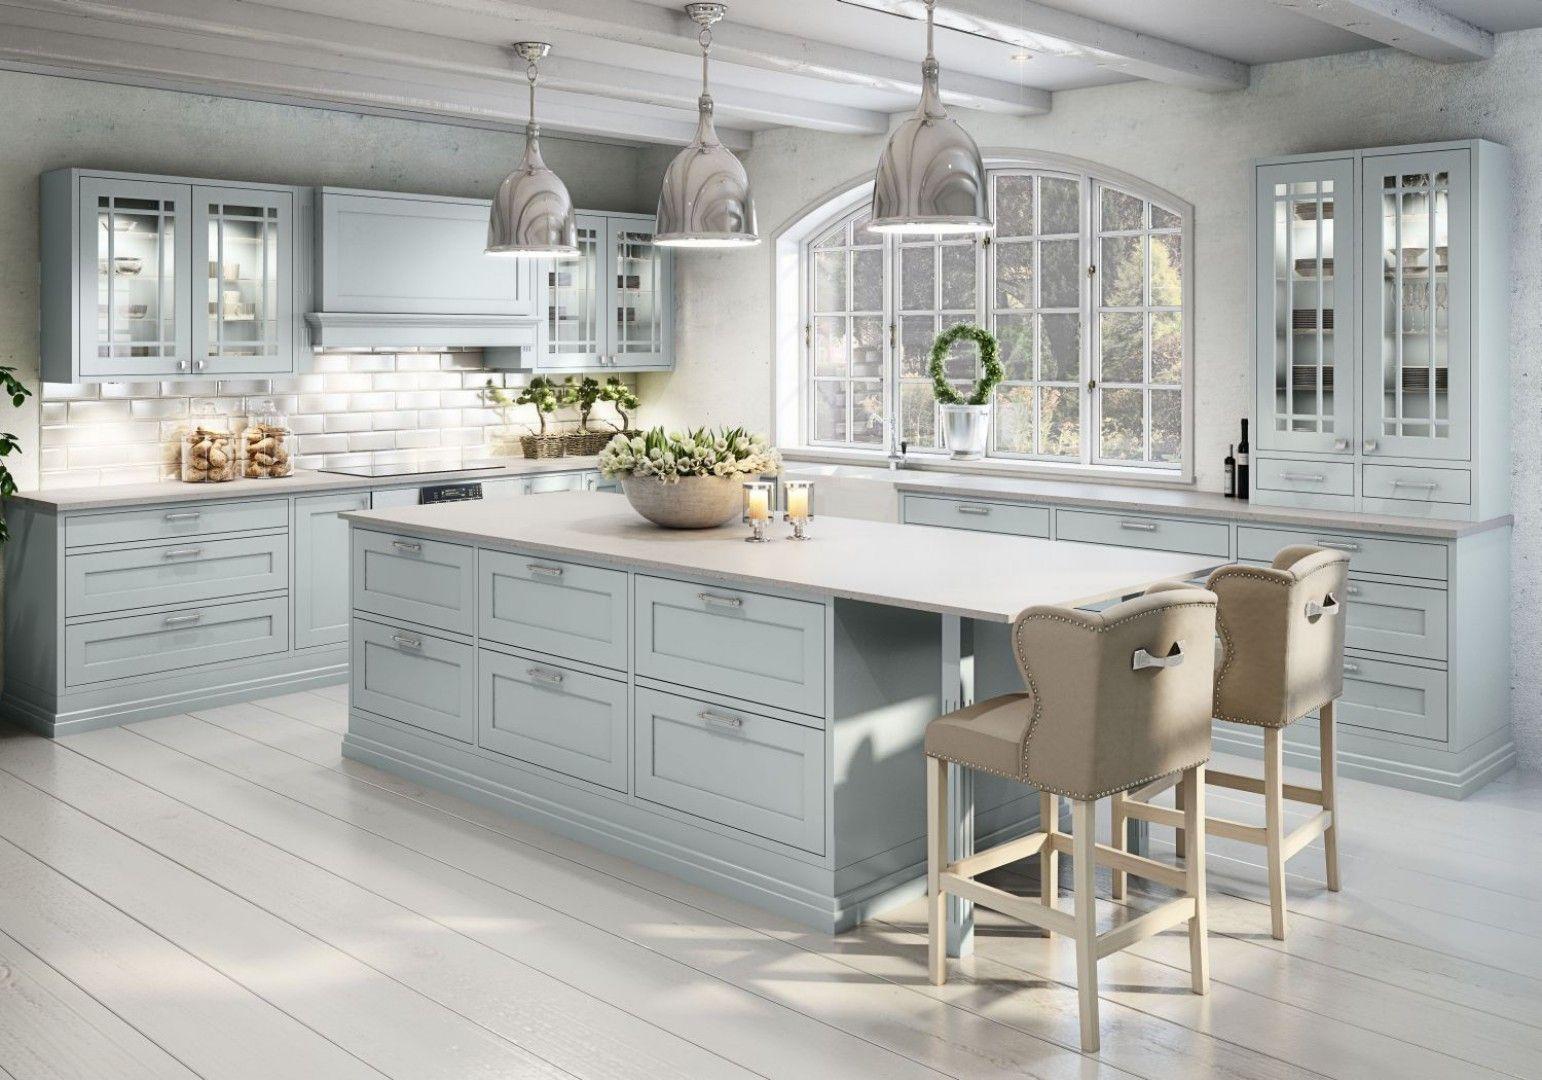 U-förmige küchendesigns výsledek obrázku pro kuchnia w stylu klasycznym  kitchens in